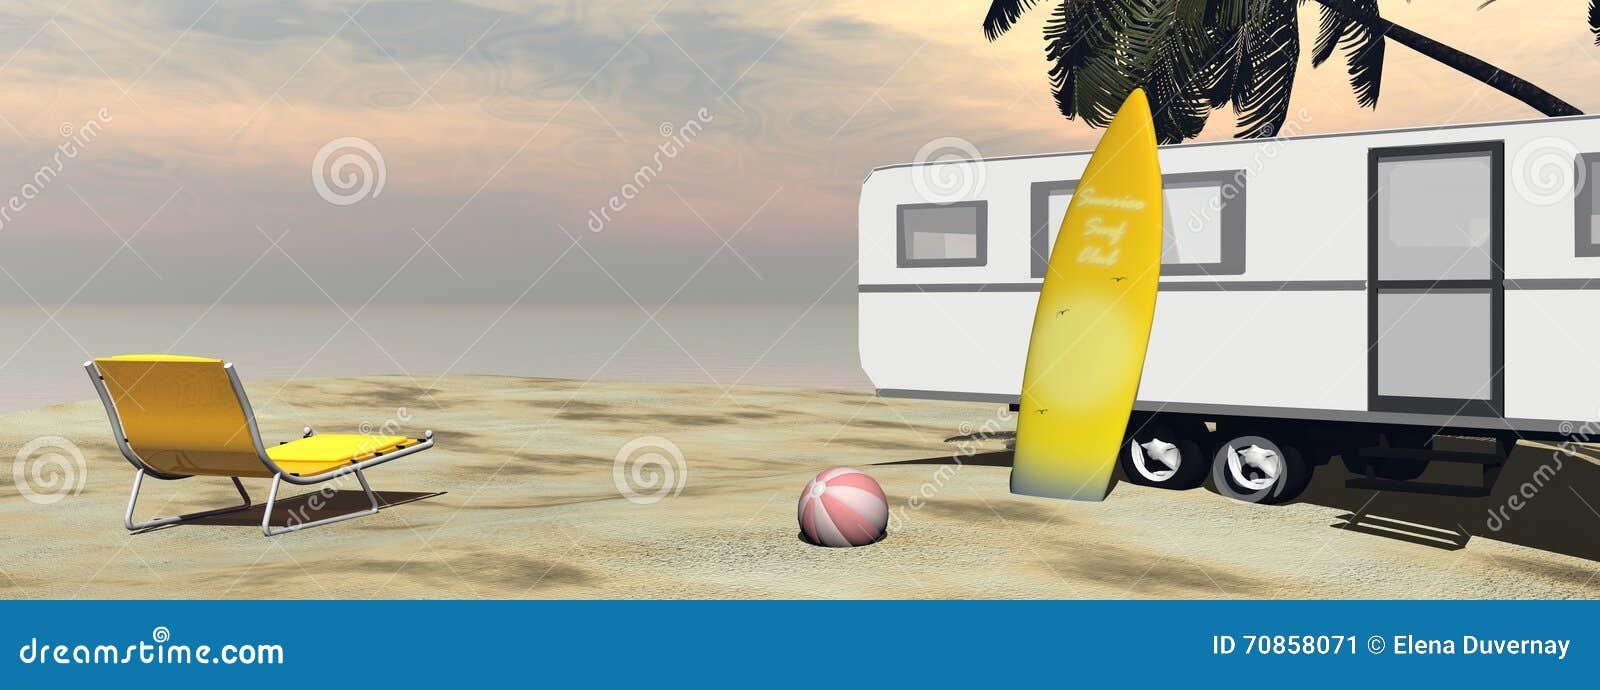 Caravanvakantie bij het 3D strand - geef terug